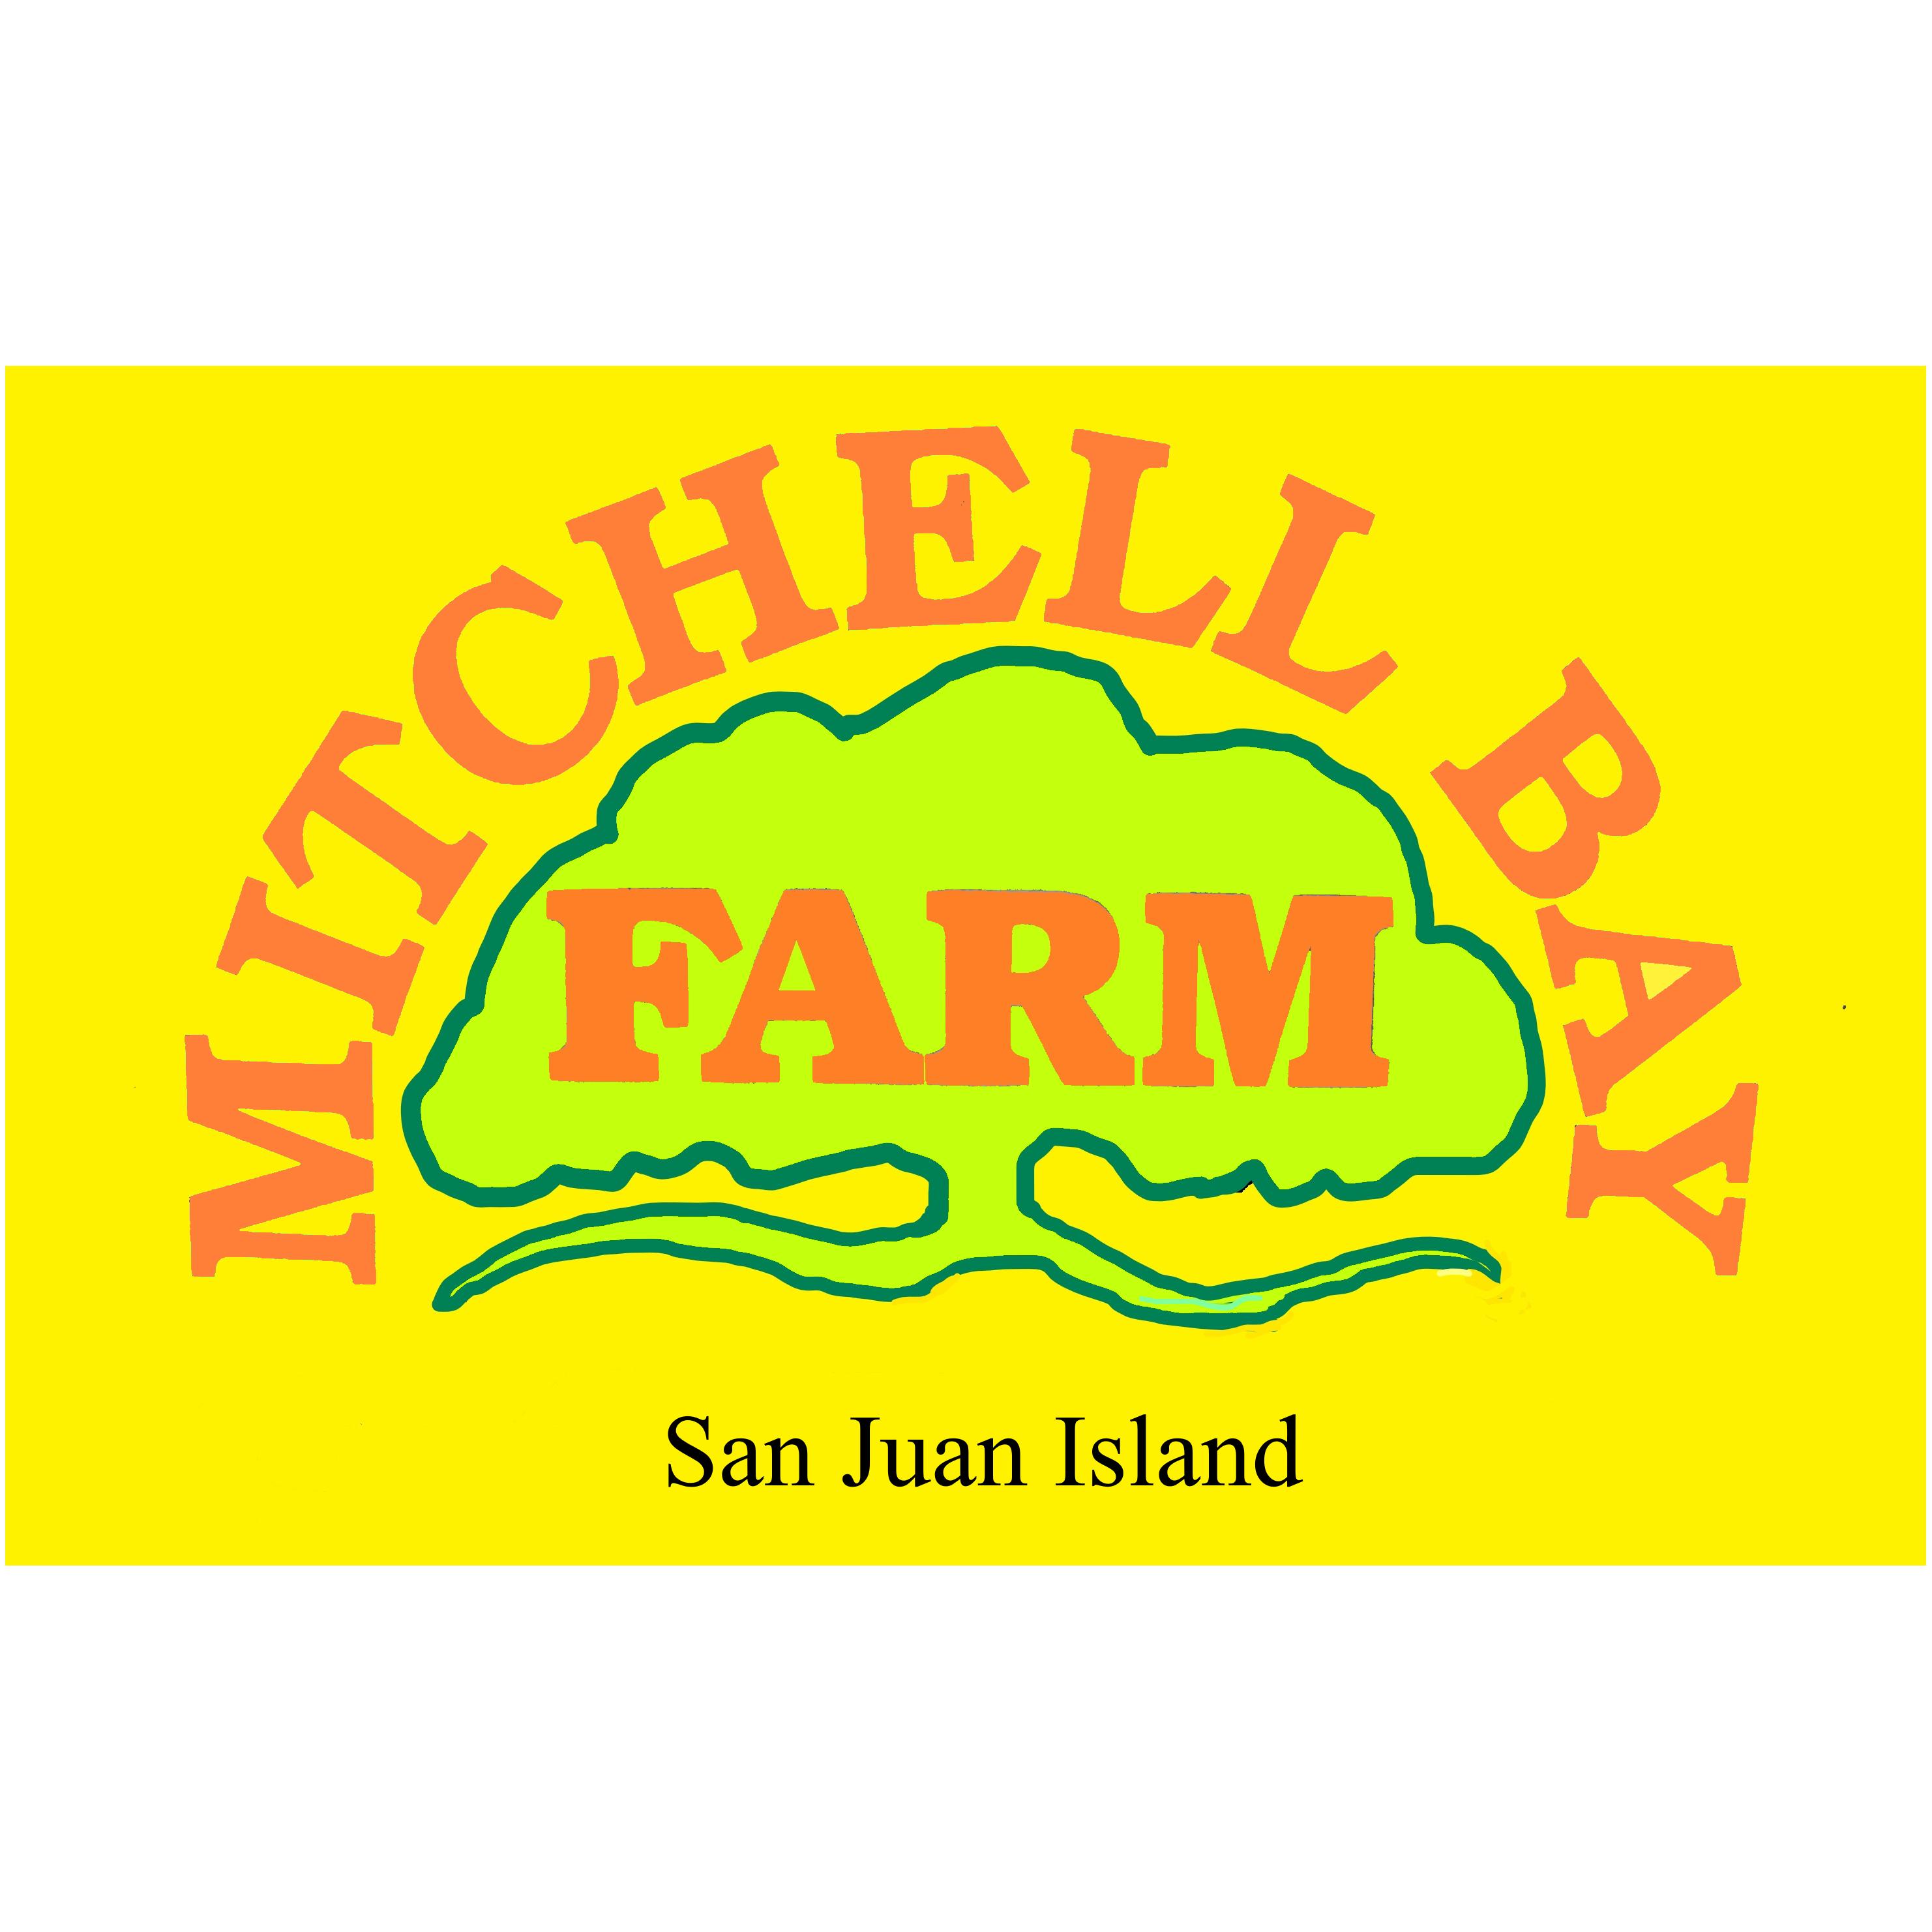 Mitchell Bay Farm